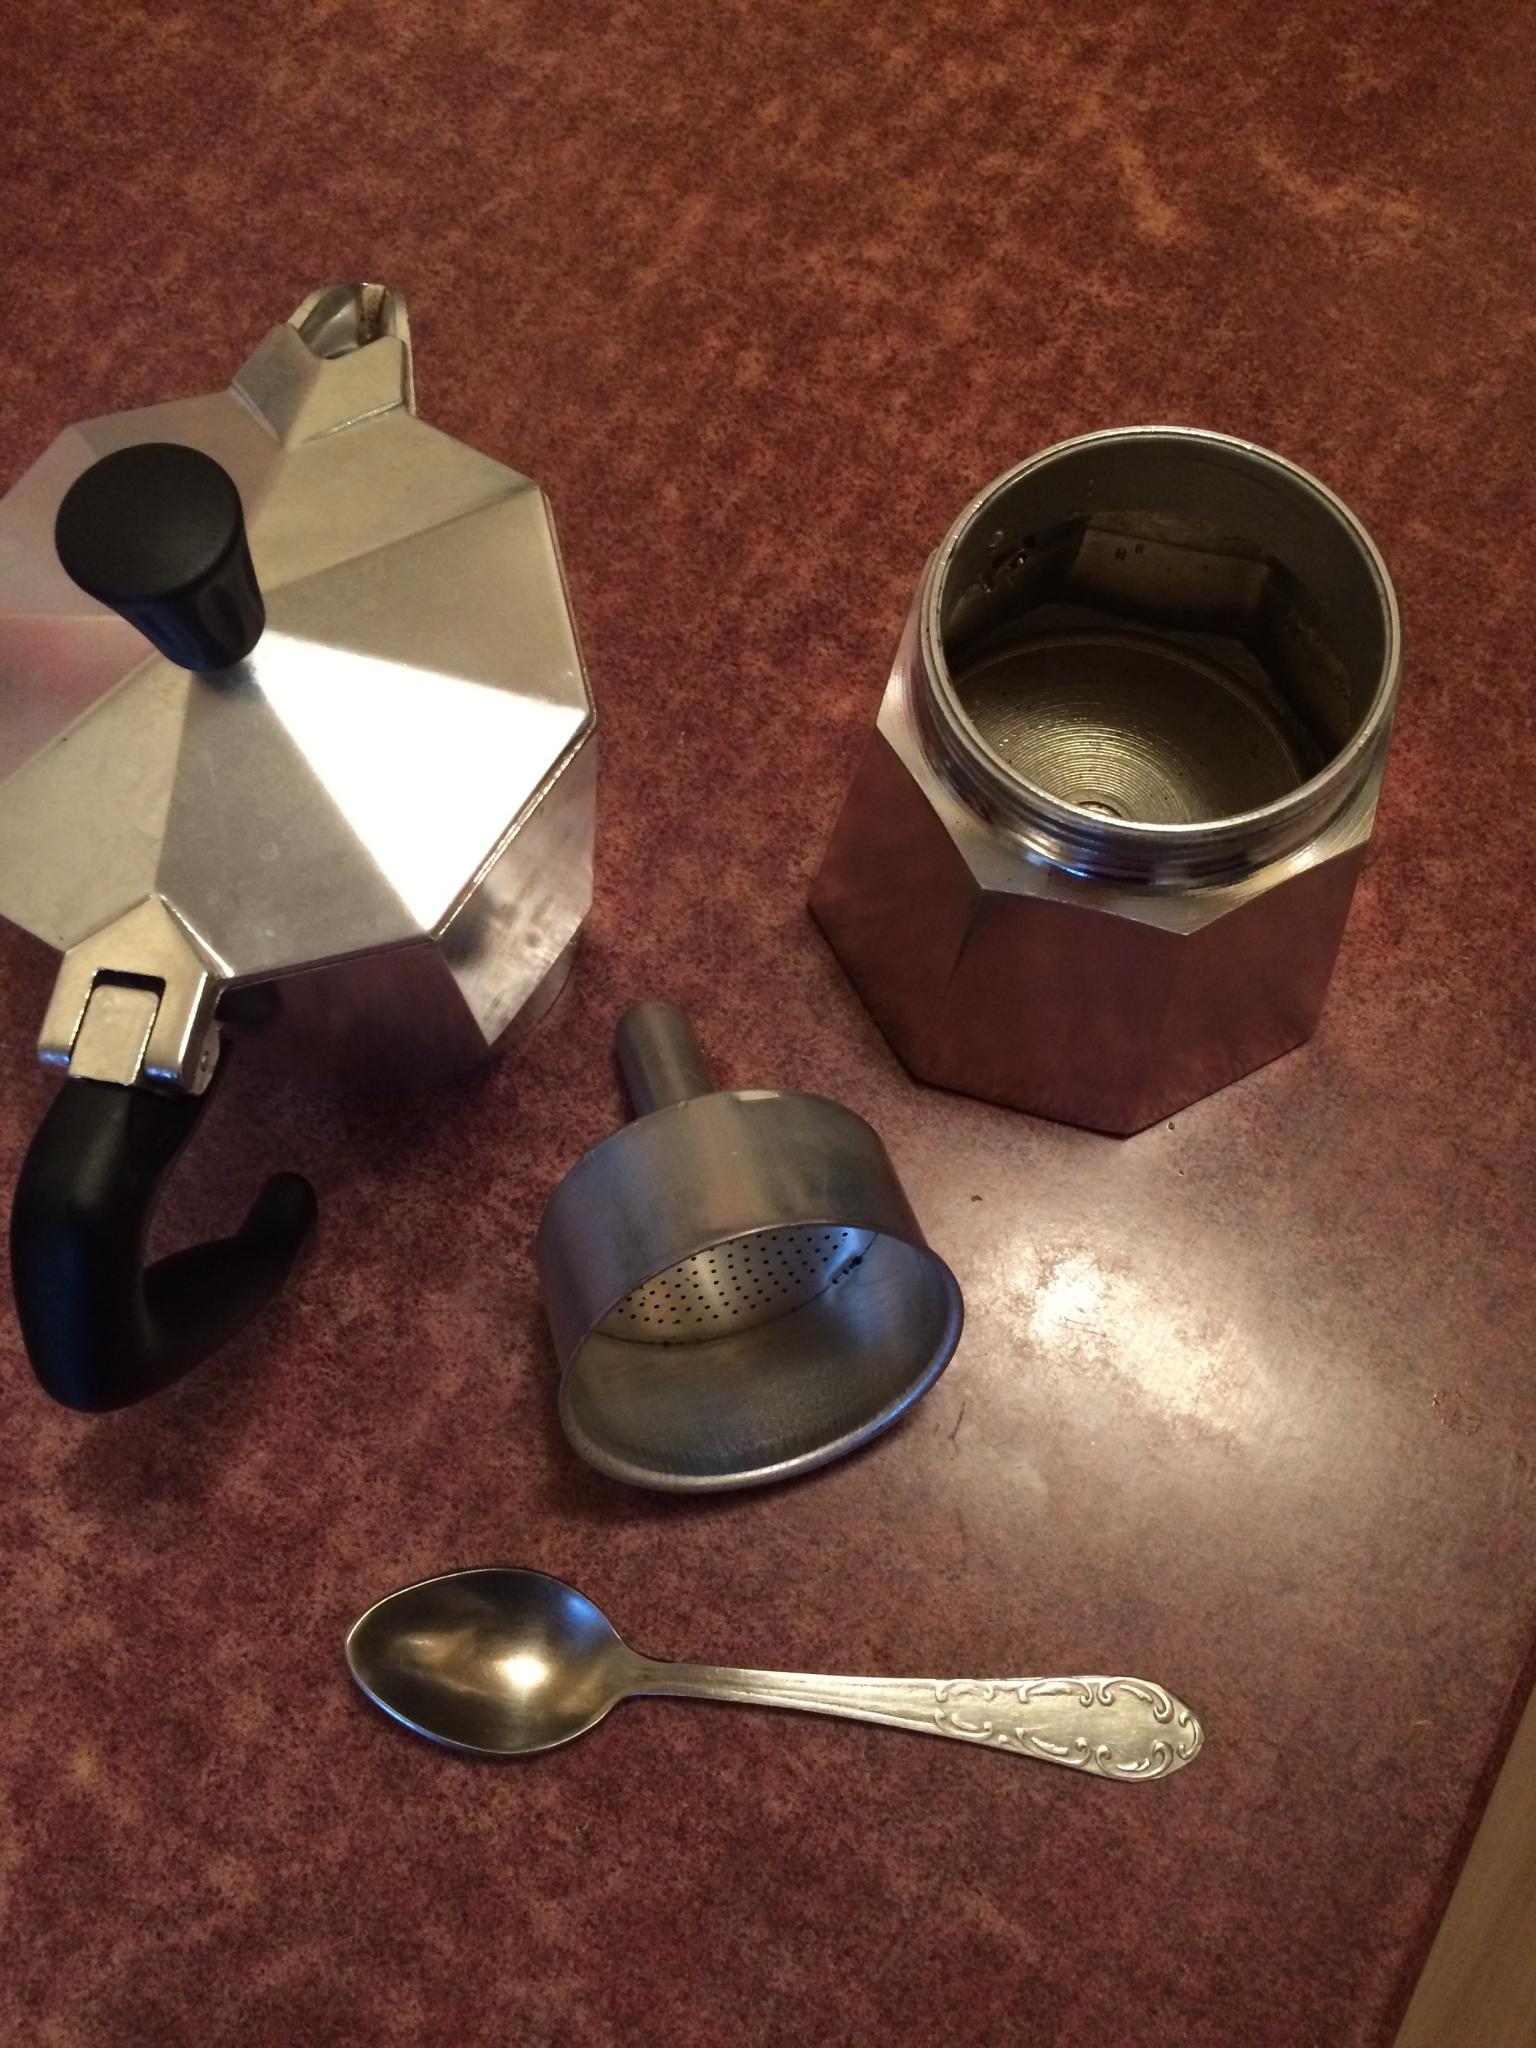 фото гейзерной кофеварки в рахобранном виде